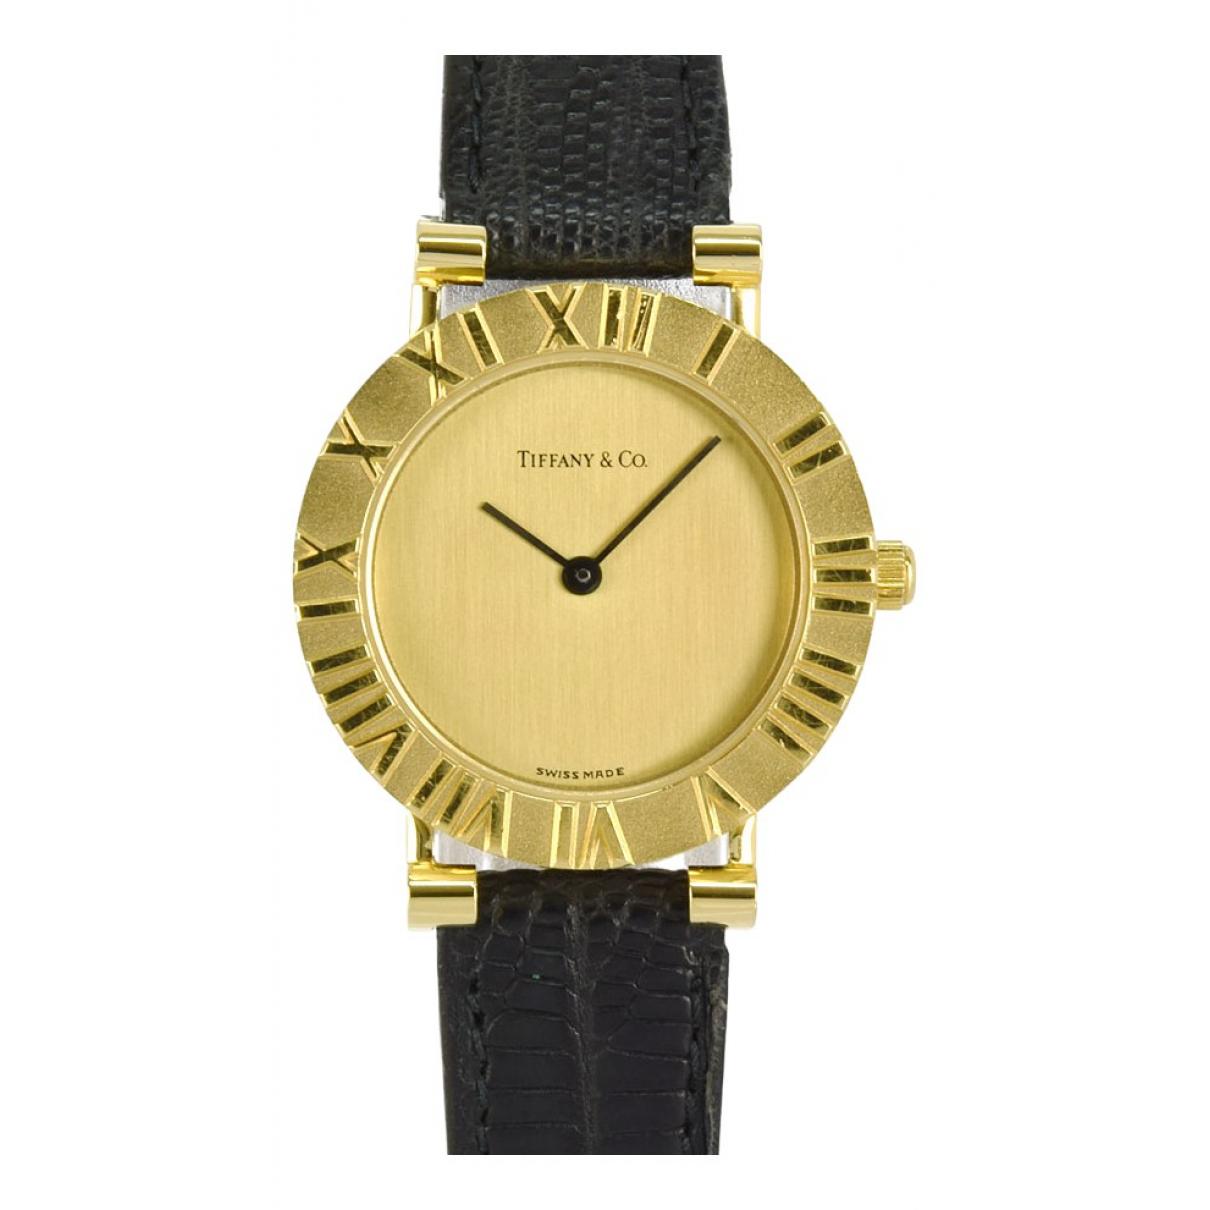 Tiffany & Co - Montre   pour femme en or jaune - dore